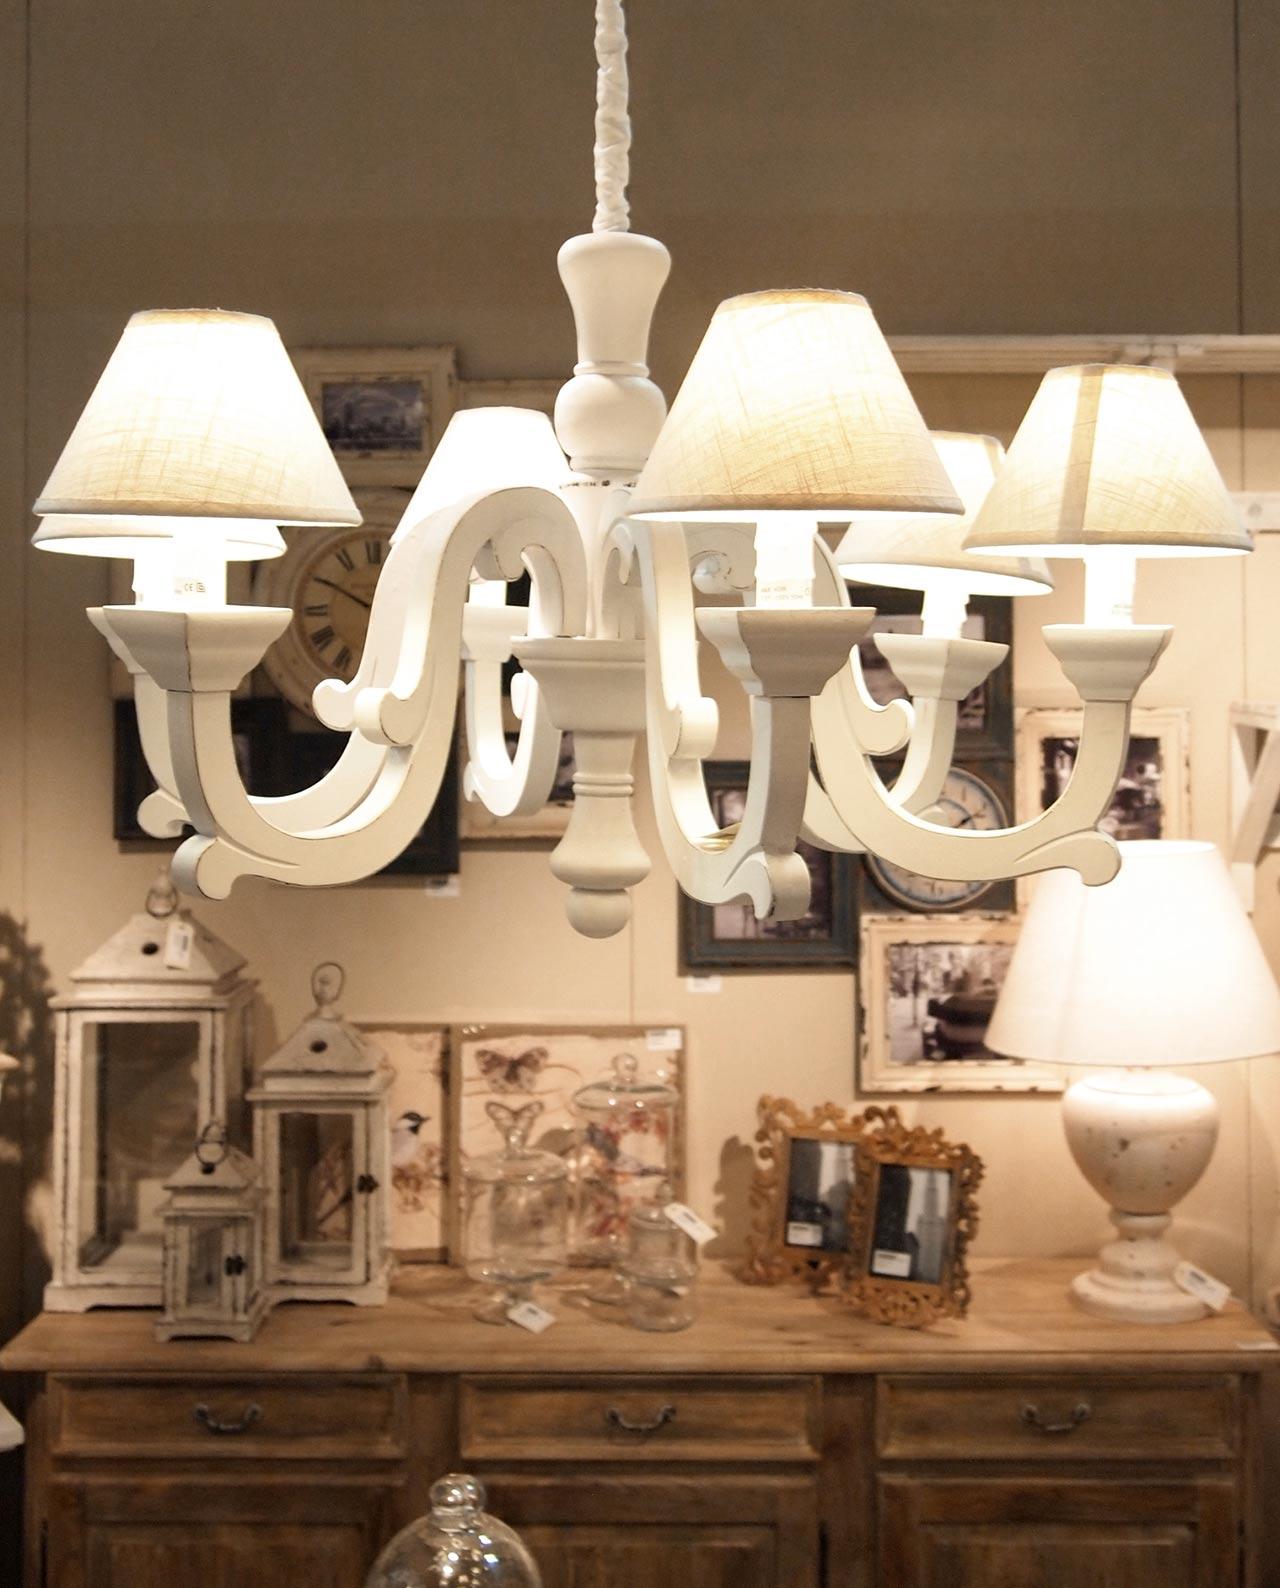 Lampadario in legno bianco con 6 lumi mobilia store home for Lampadario legno moderno